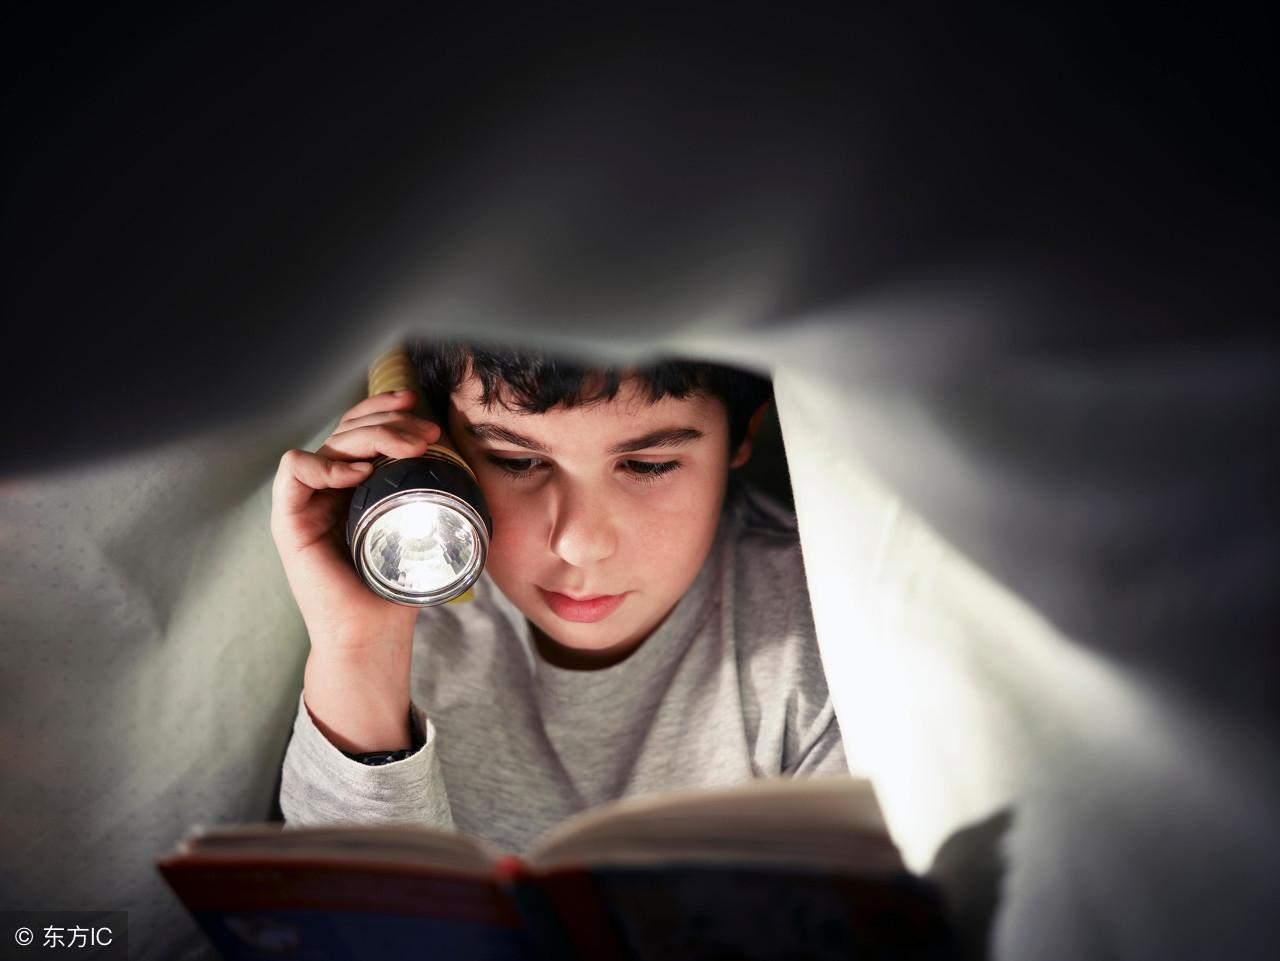 孩子贪玩不爱学习?与其督促唠叨,不如把这4个励志故事讲给他听